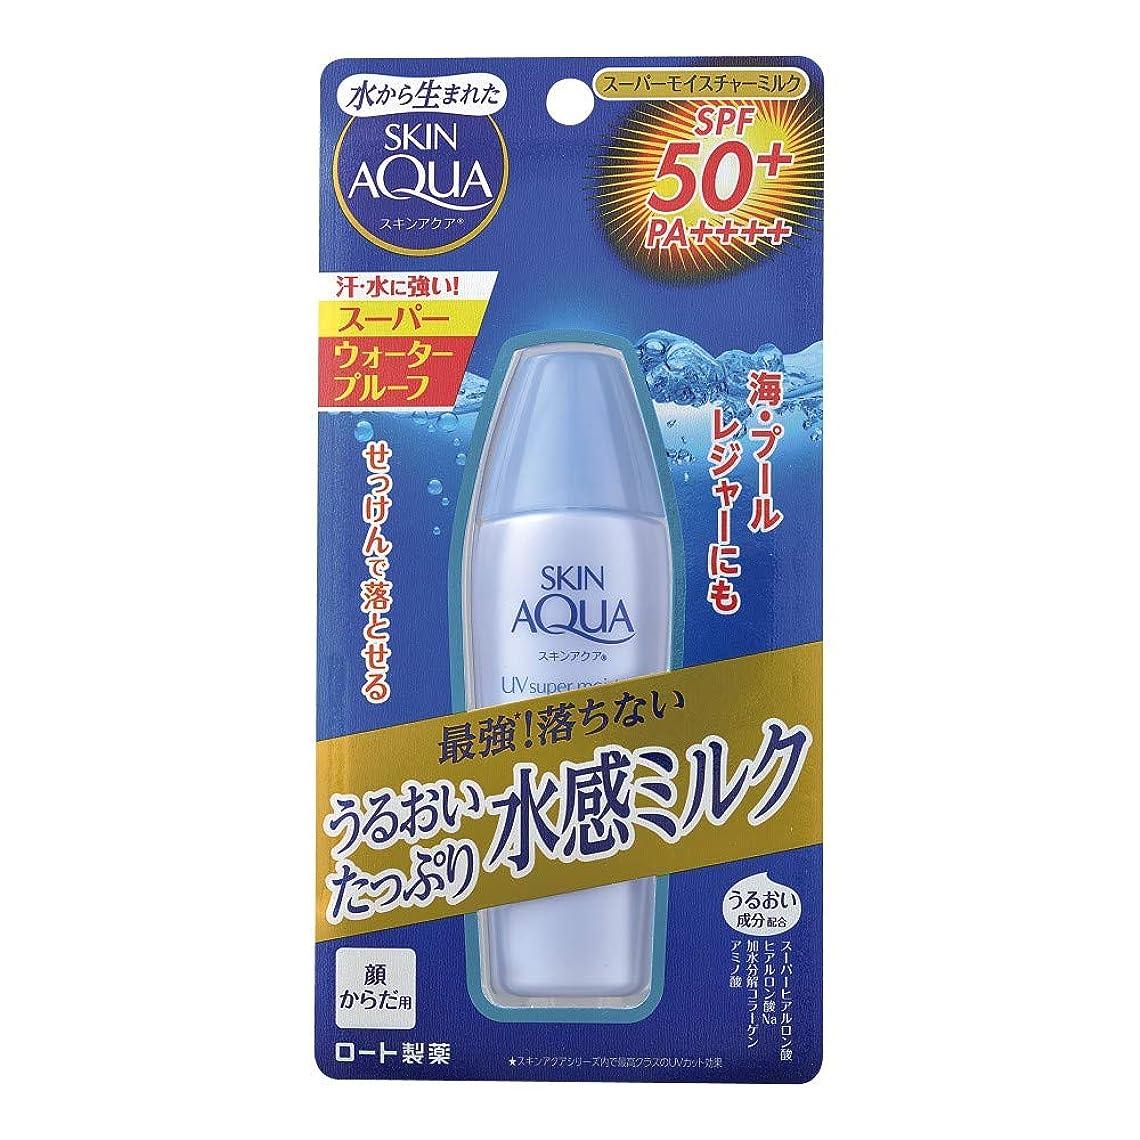 退屈させる上げる本気スキンアクア (SKIN AQUA) 日焼け止め スーパーモイスチャーミルク 潤い成分4種配合 水感ミルク (SPF50 PA++++) 40mL ※スーパーウォータープルーフ